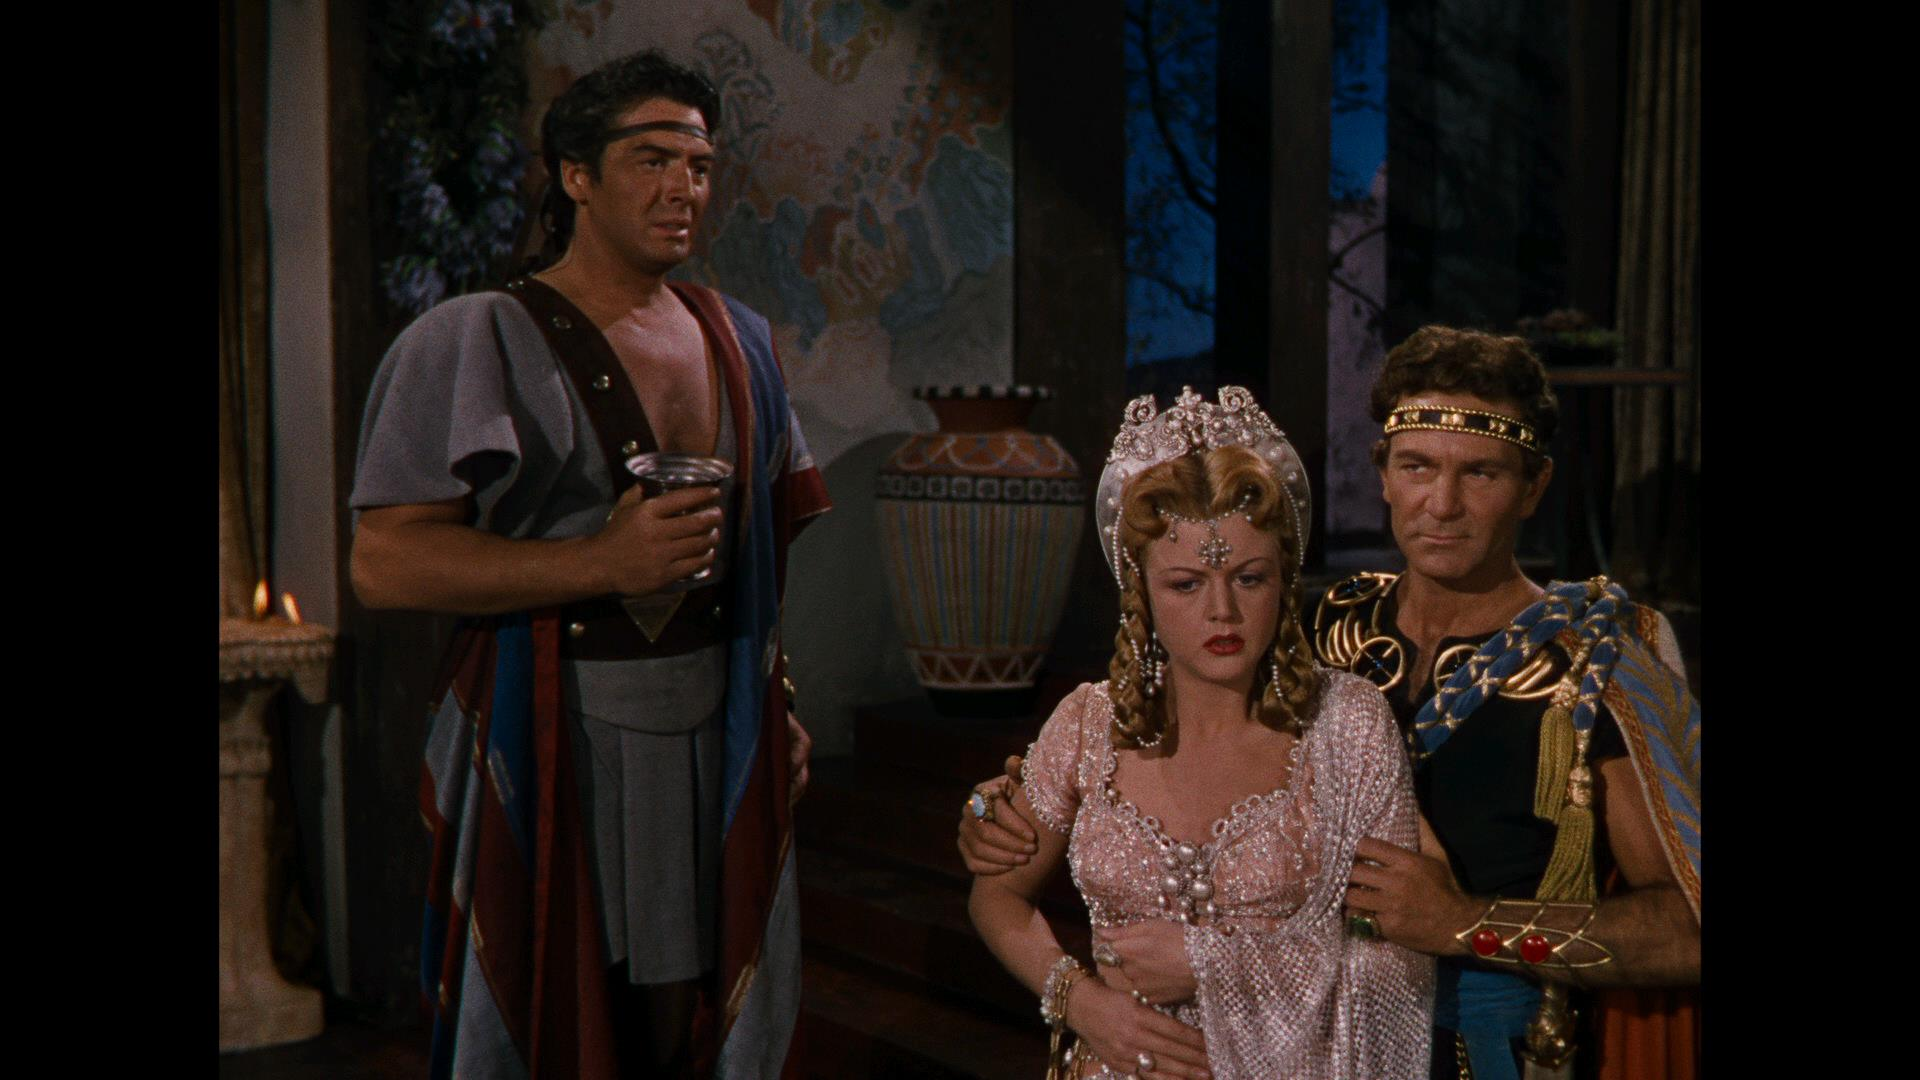 Samson And Delilah Avaxhome